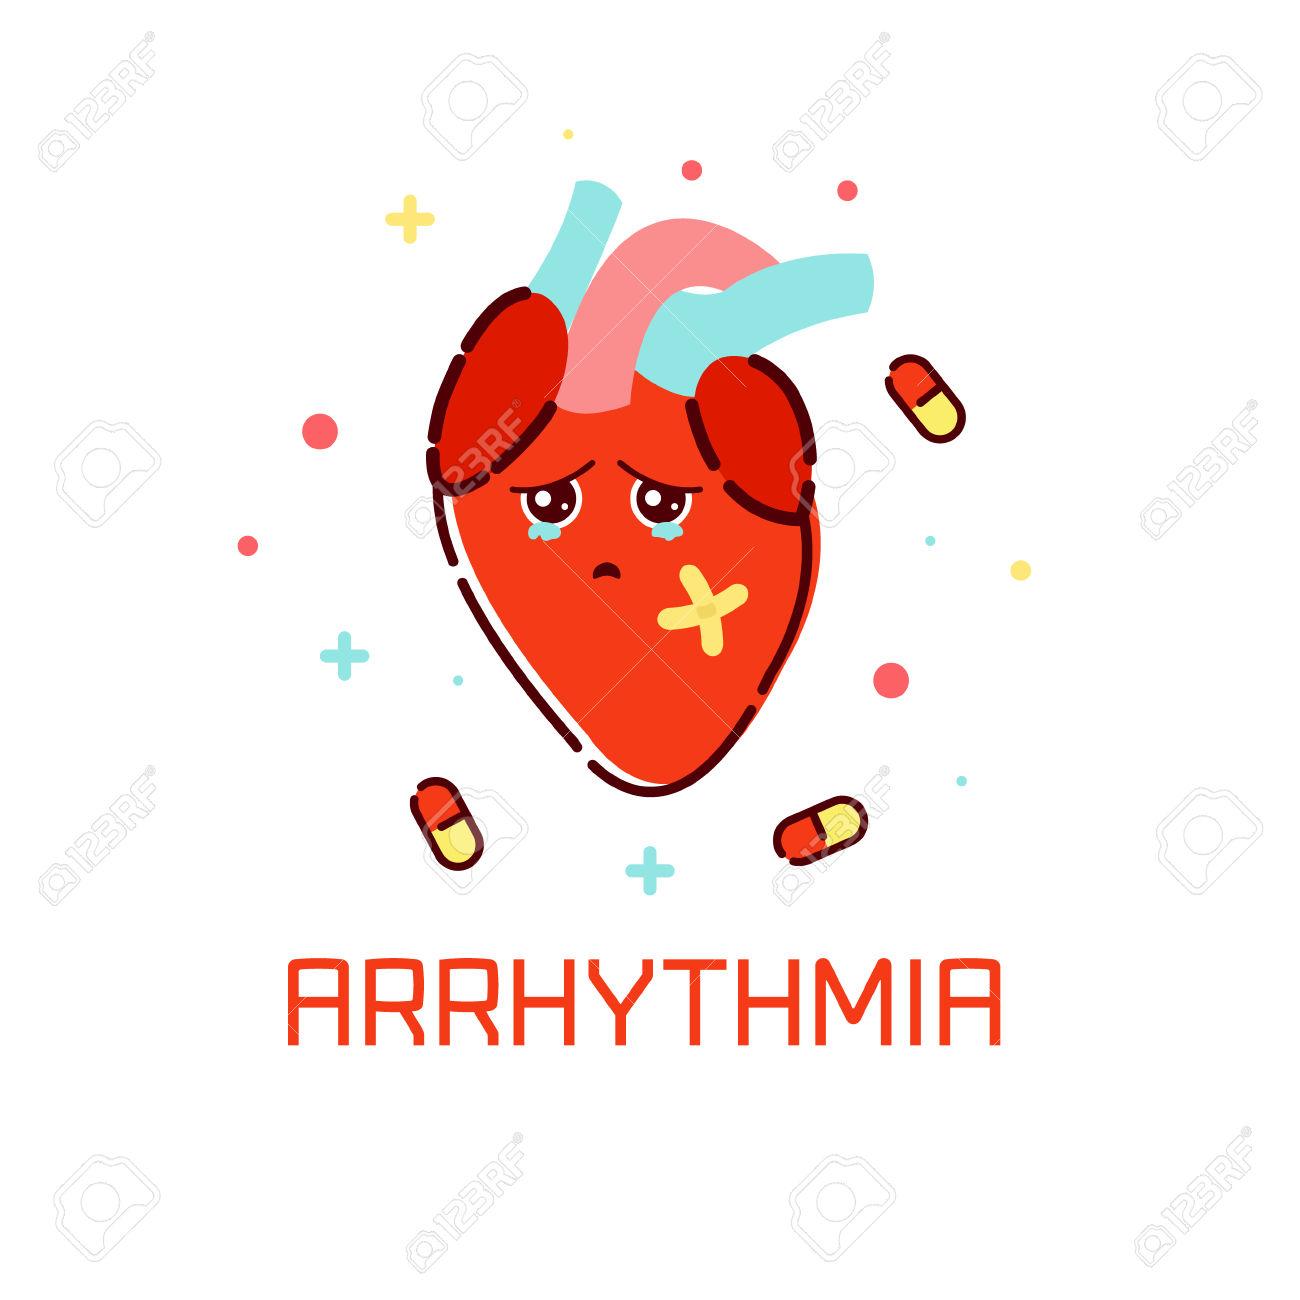 Cardiac Arrhythmia Disease Awareness Poster With Sad Cartoon.